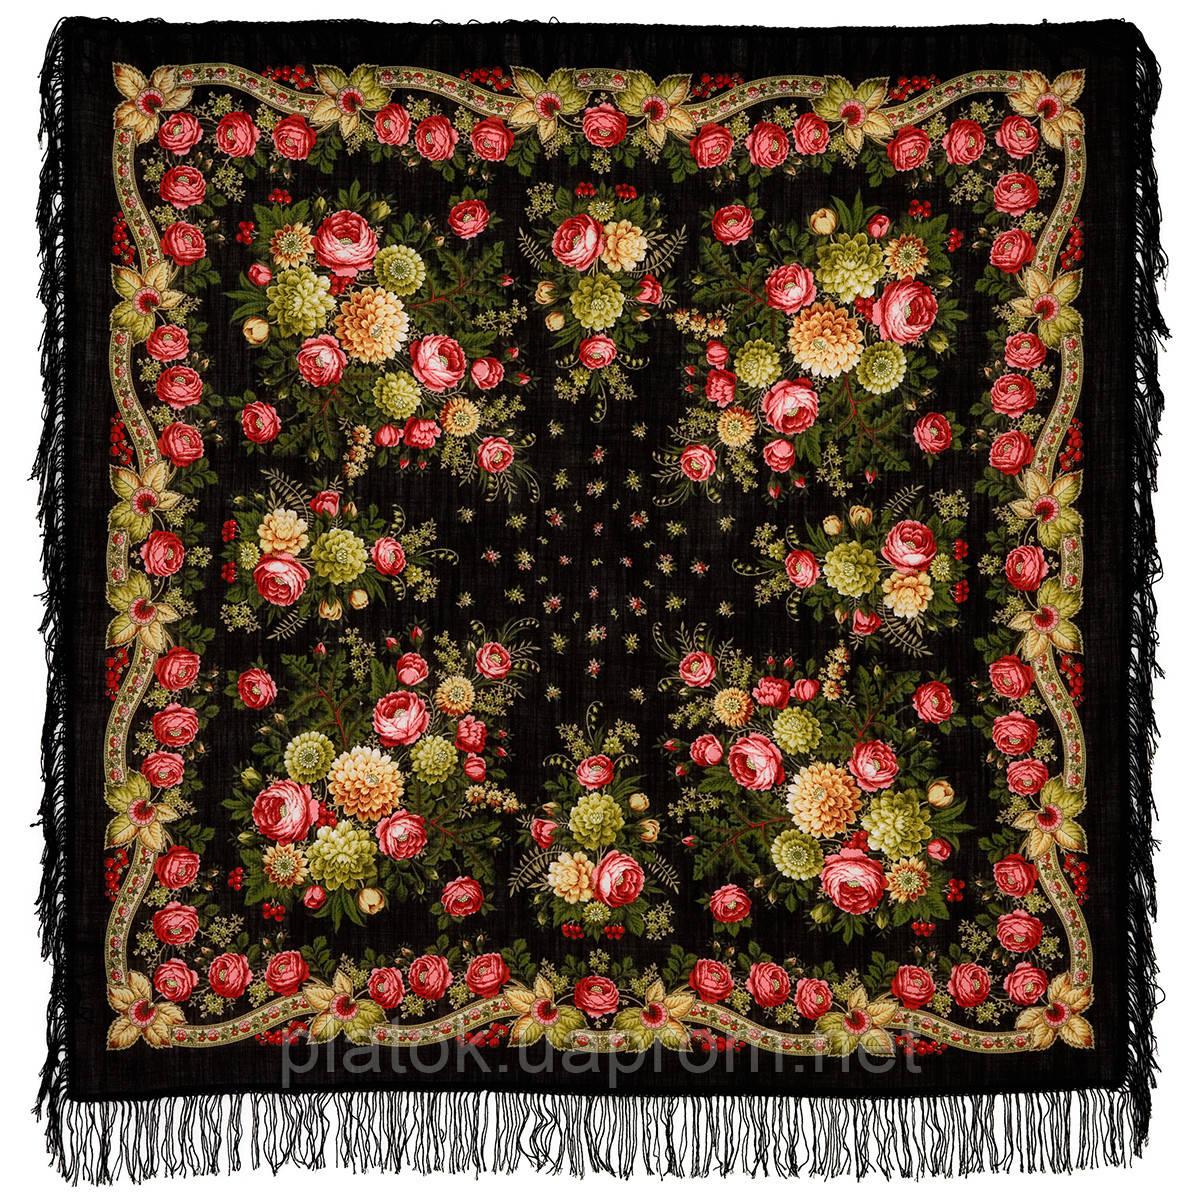 Черные глаза 1194-18, павлопосадский платок шерстяной с шерстяной бахромой